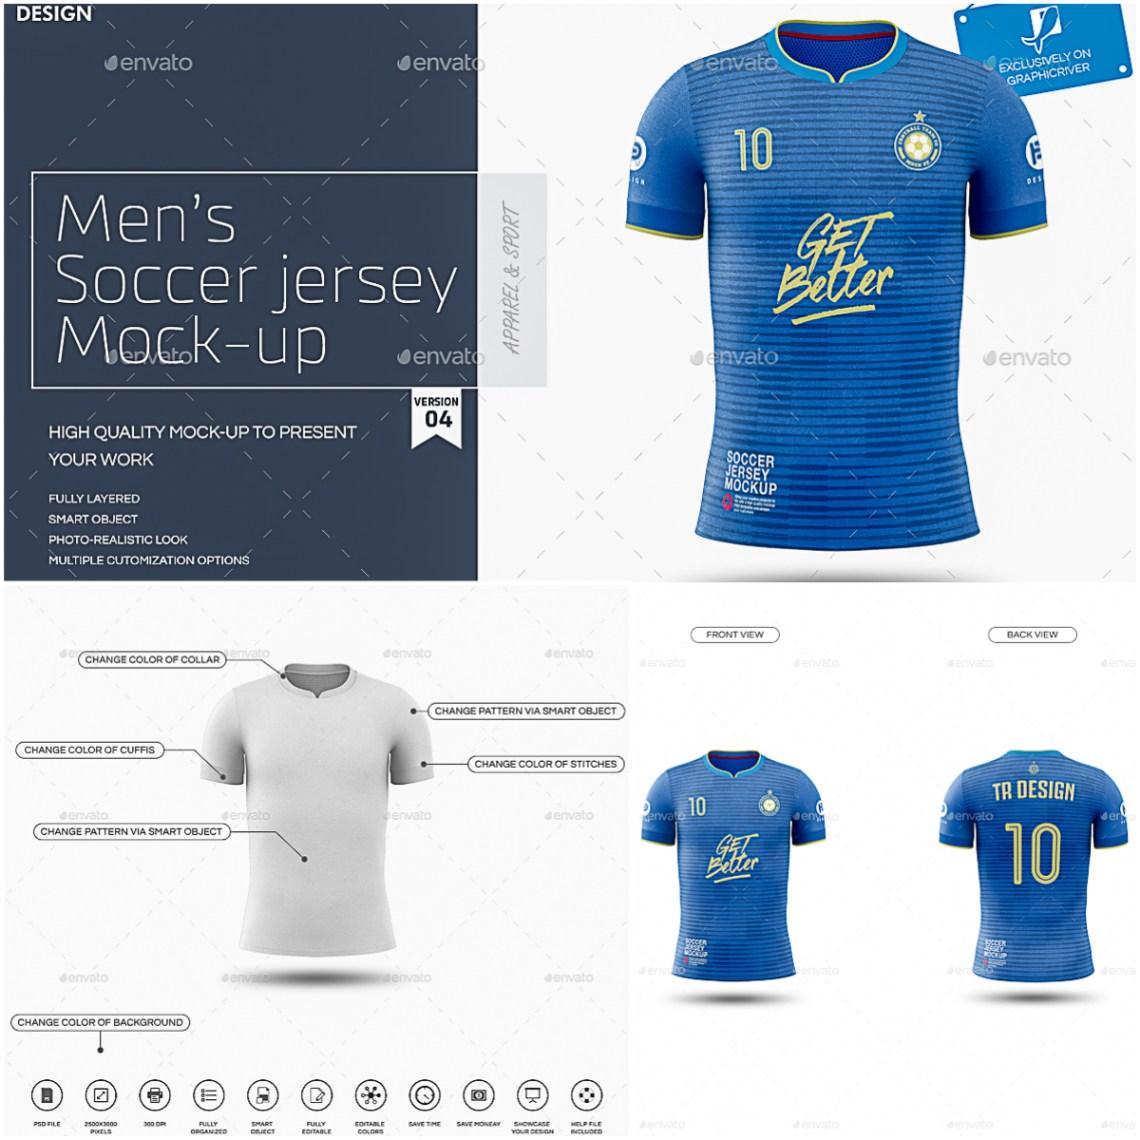 Download Men's Soccer Jersey Mockup | Free download